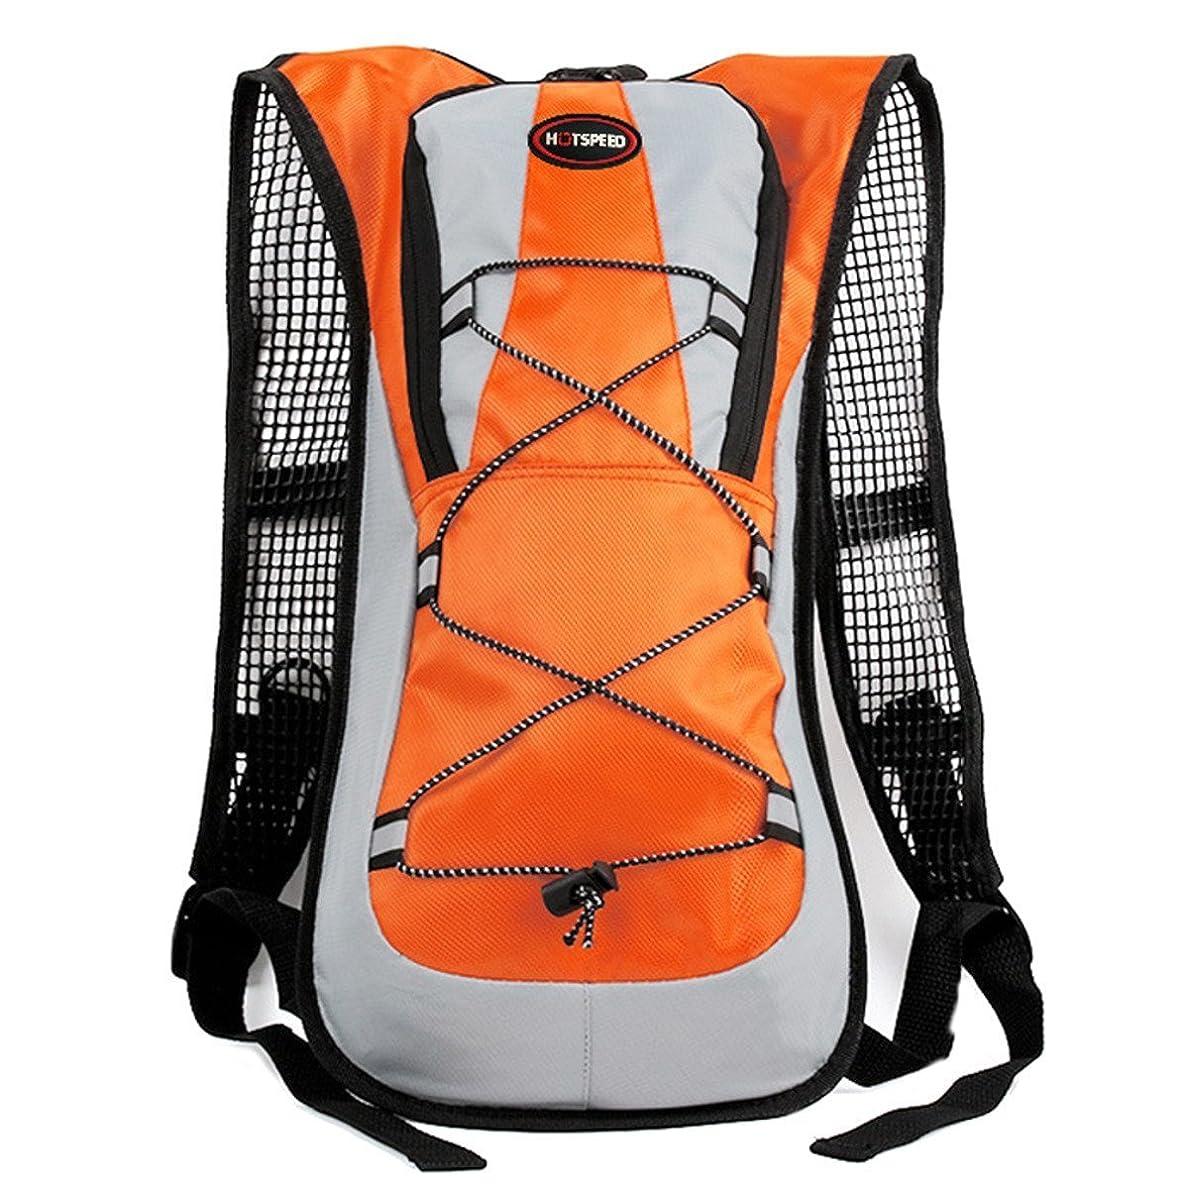 換気適応高層ビルVanly サイクリングバッグ 超軽量 防水 通気 5L アウトドア 登山 自転車バッグ ジョギング ハイキングリュック 4色選択 男女兼用